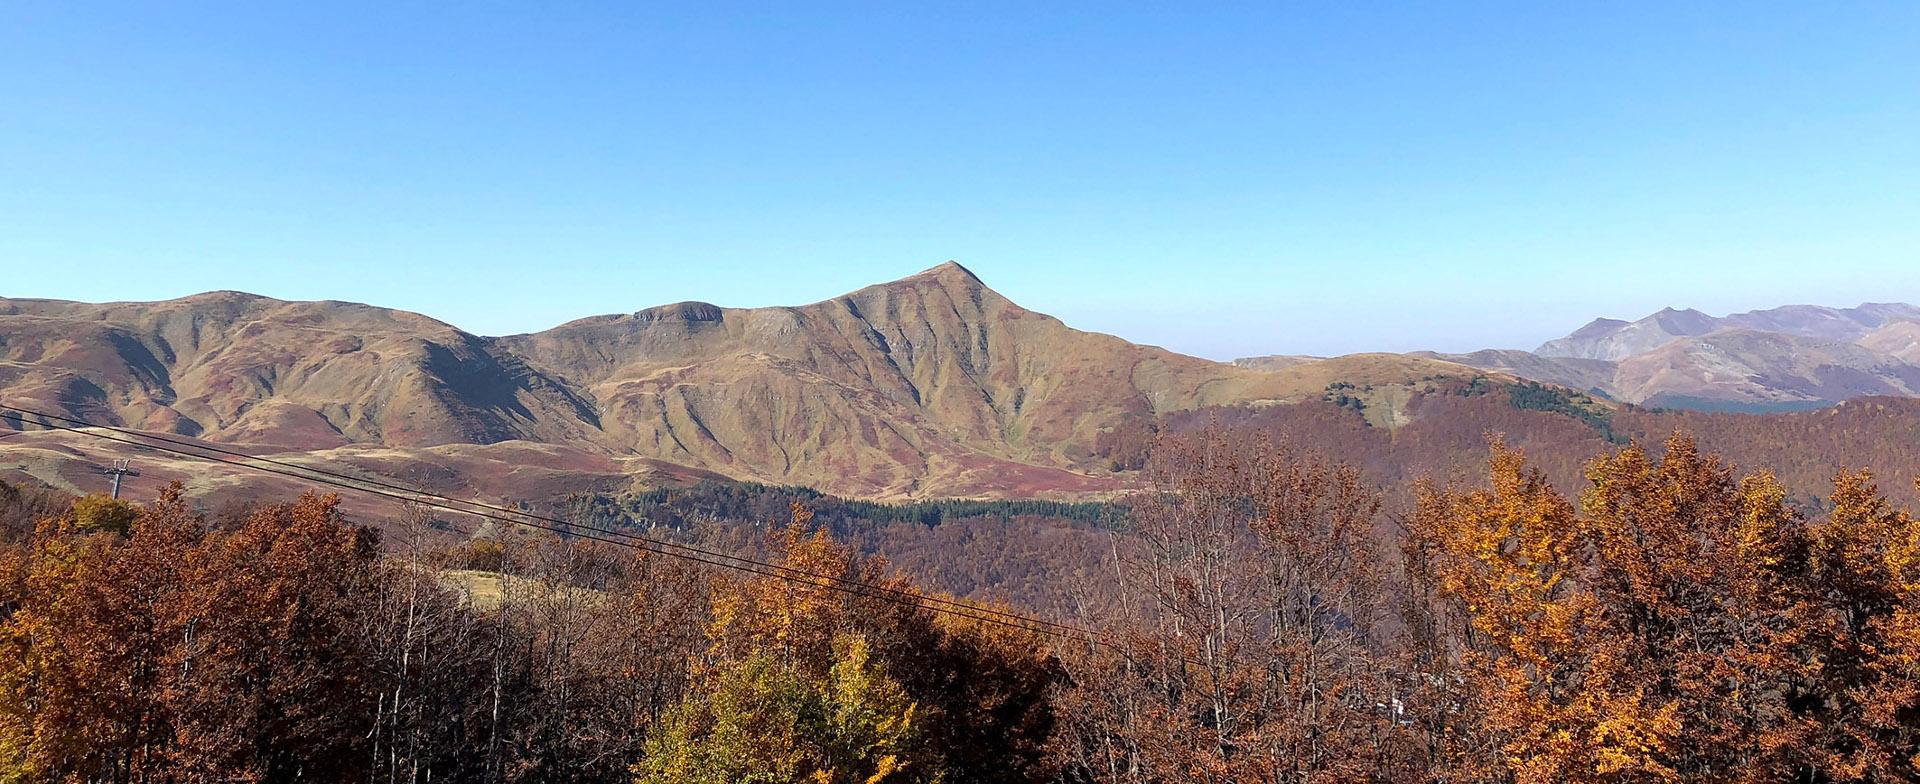 Parco del Corno alle Scale - Panoramica